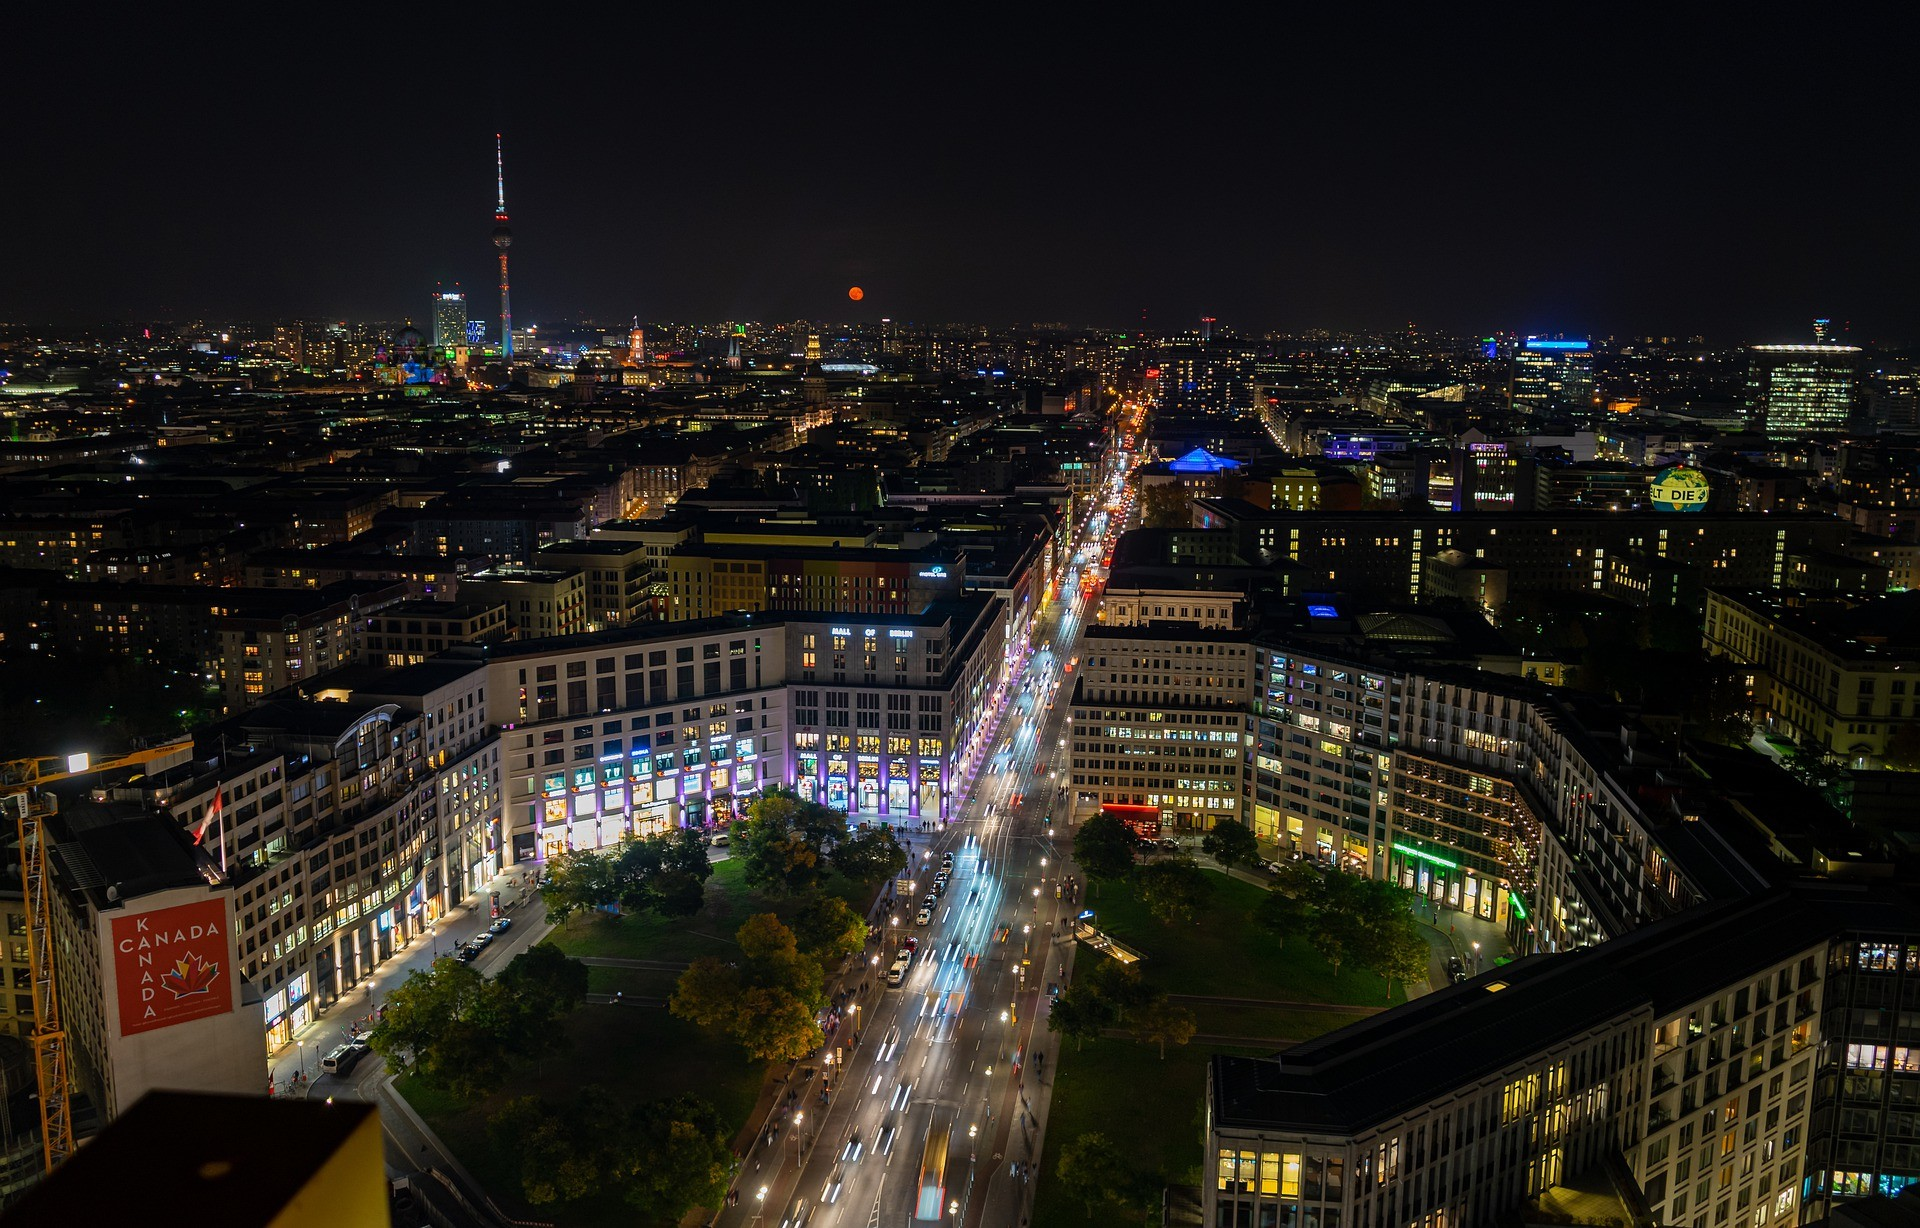 Berlino cose da vedere: Vista notturna di Berlino - Foto di Achim Scholty